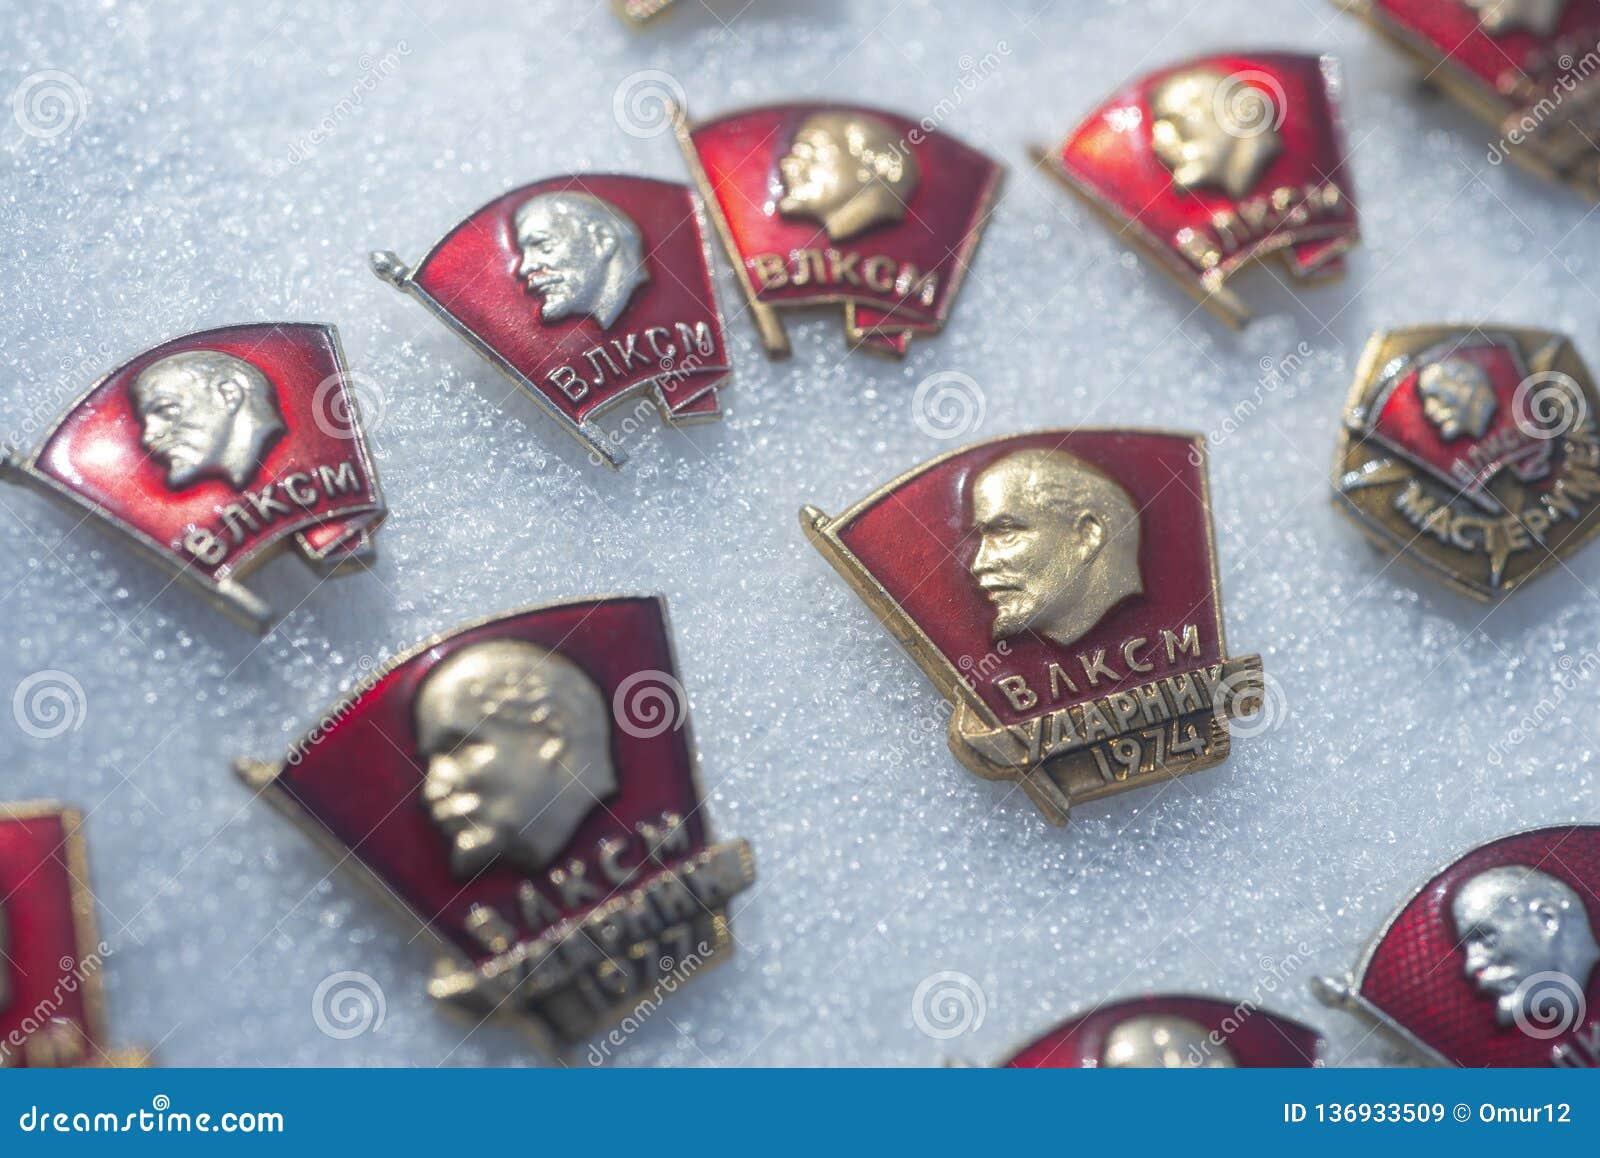 Insignes de Komsomol de Soviétique sur le marché en plein air